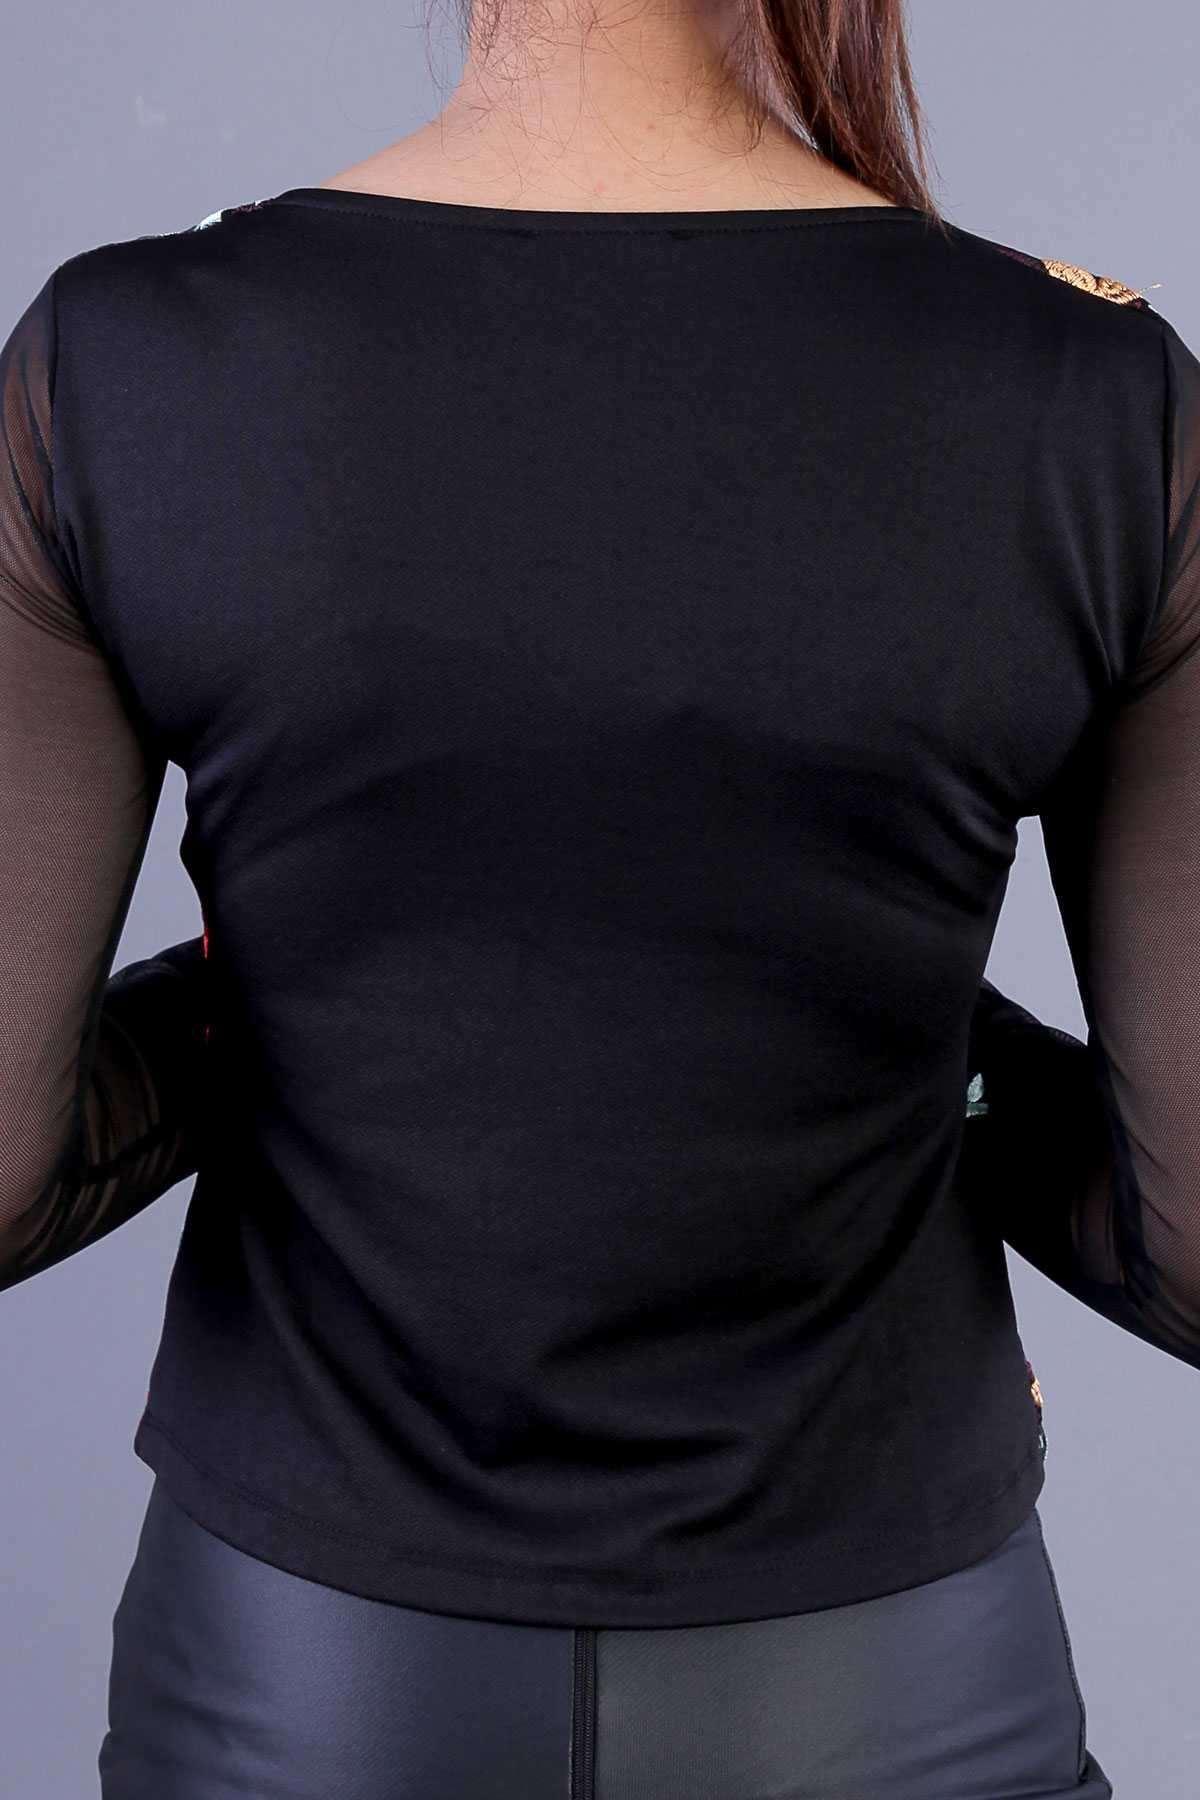 Volan Kol Etekleri Dantel Bluz Siyah